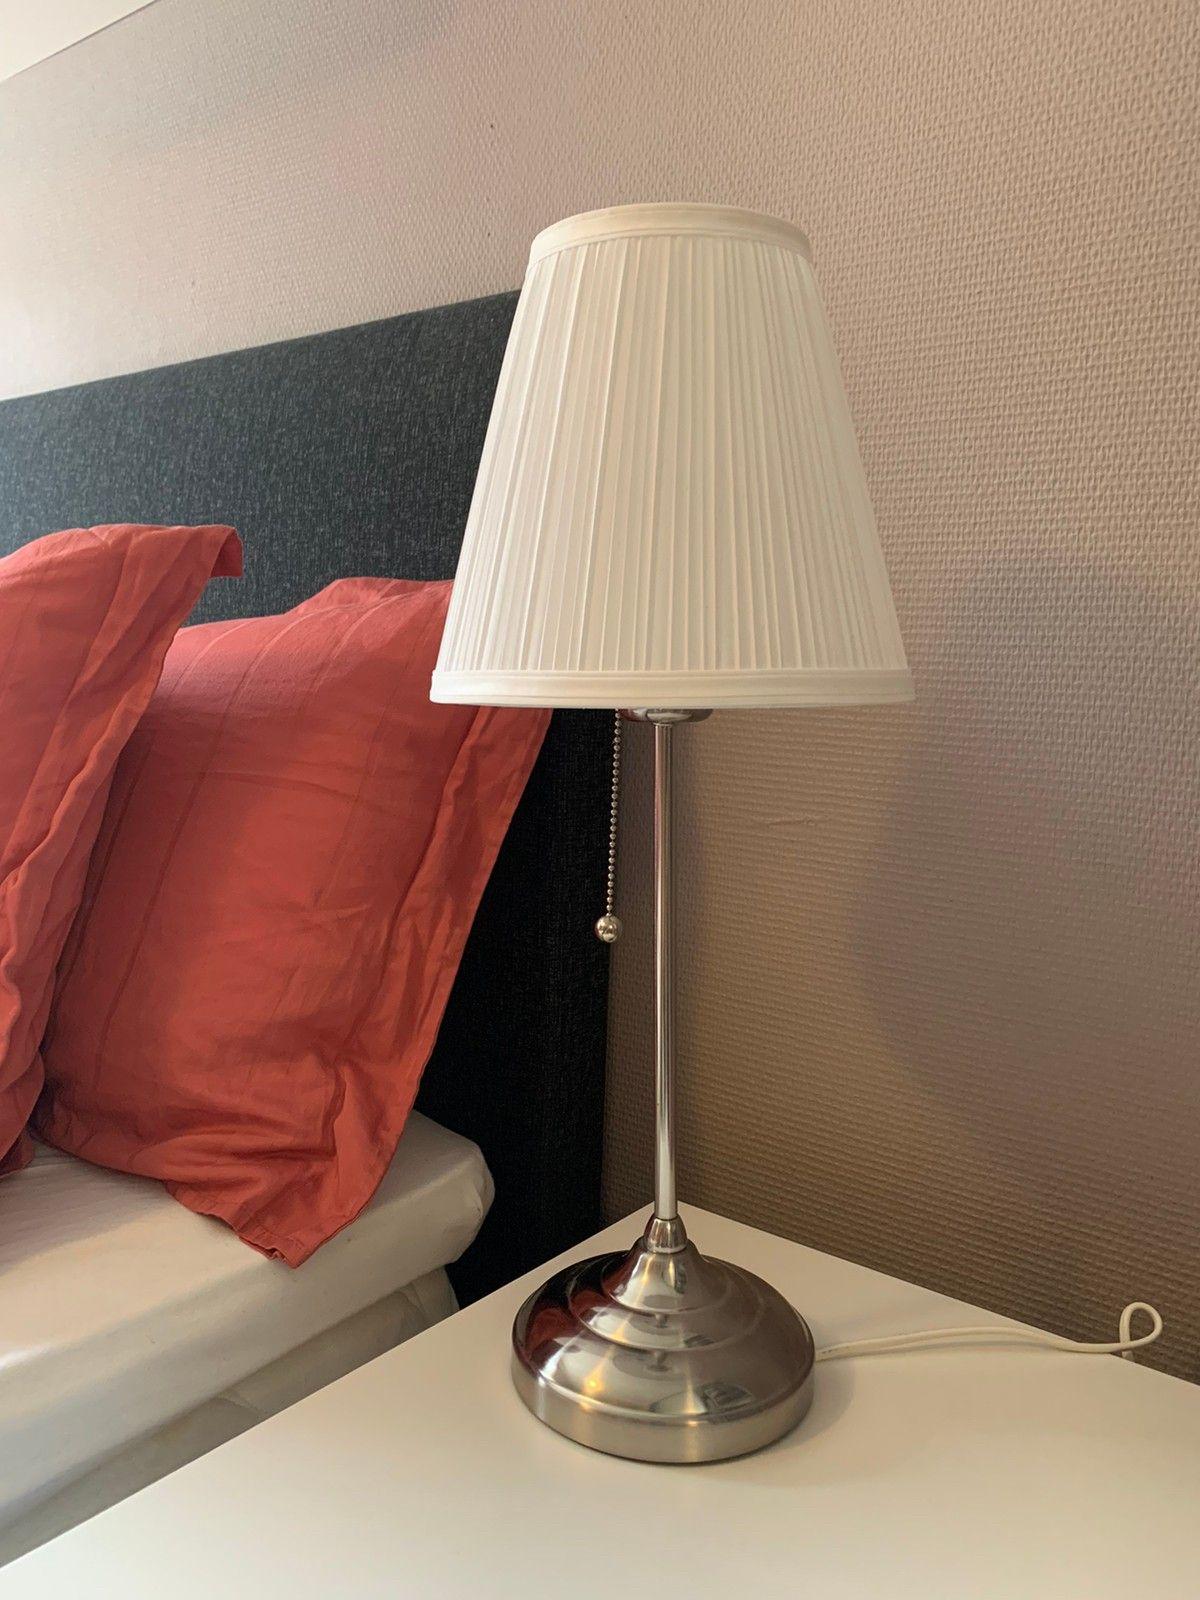 Brukt bord lampe fra IKEA 100 kr | FINN.no